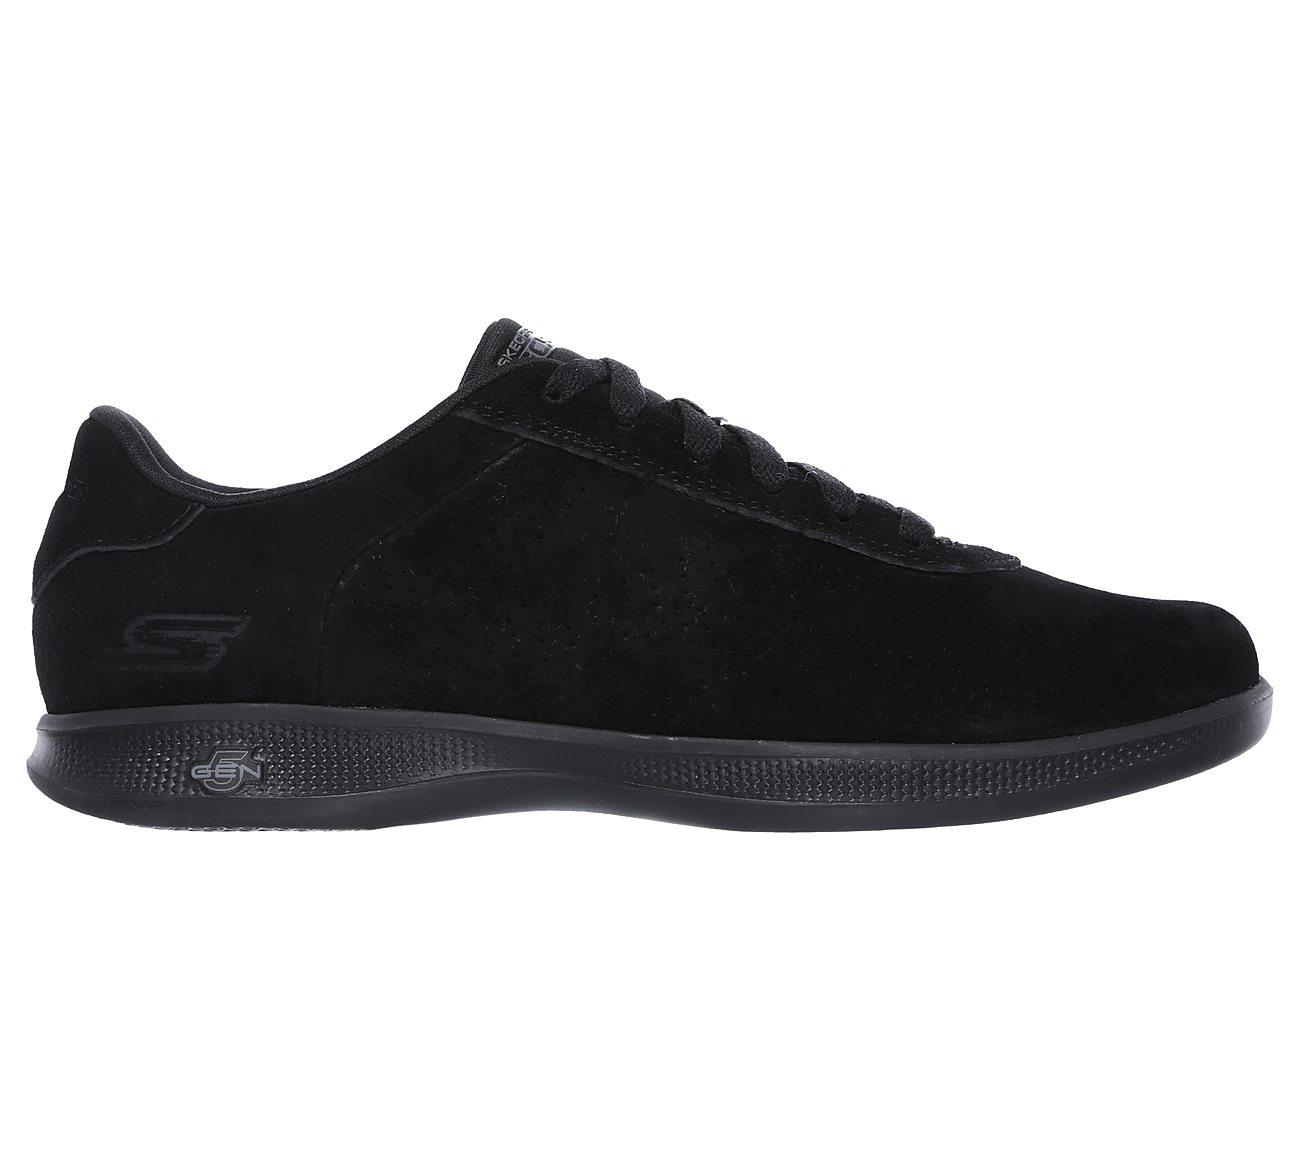 Skechers Women's Go Step Lite Deluxe Black 14700BBK 5 Gen